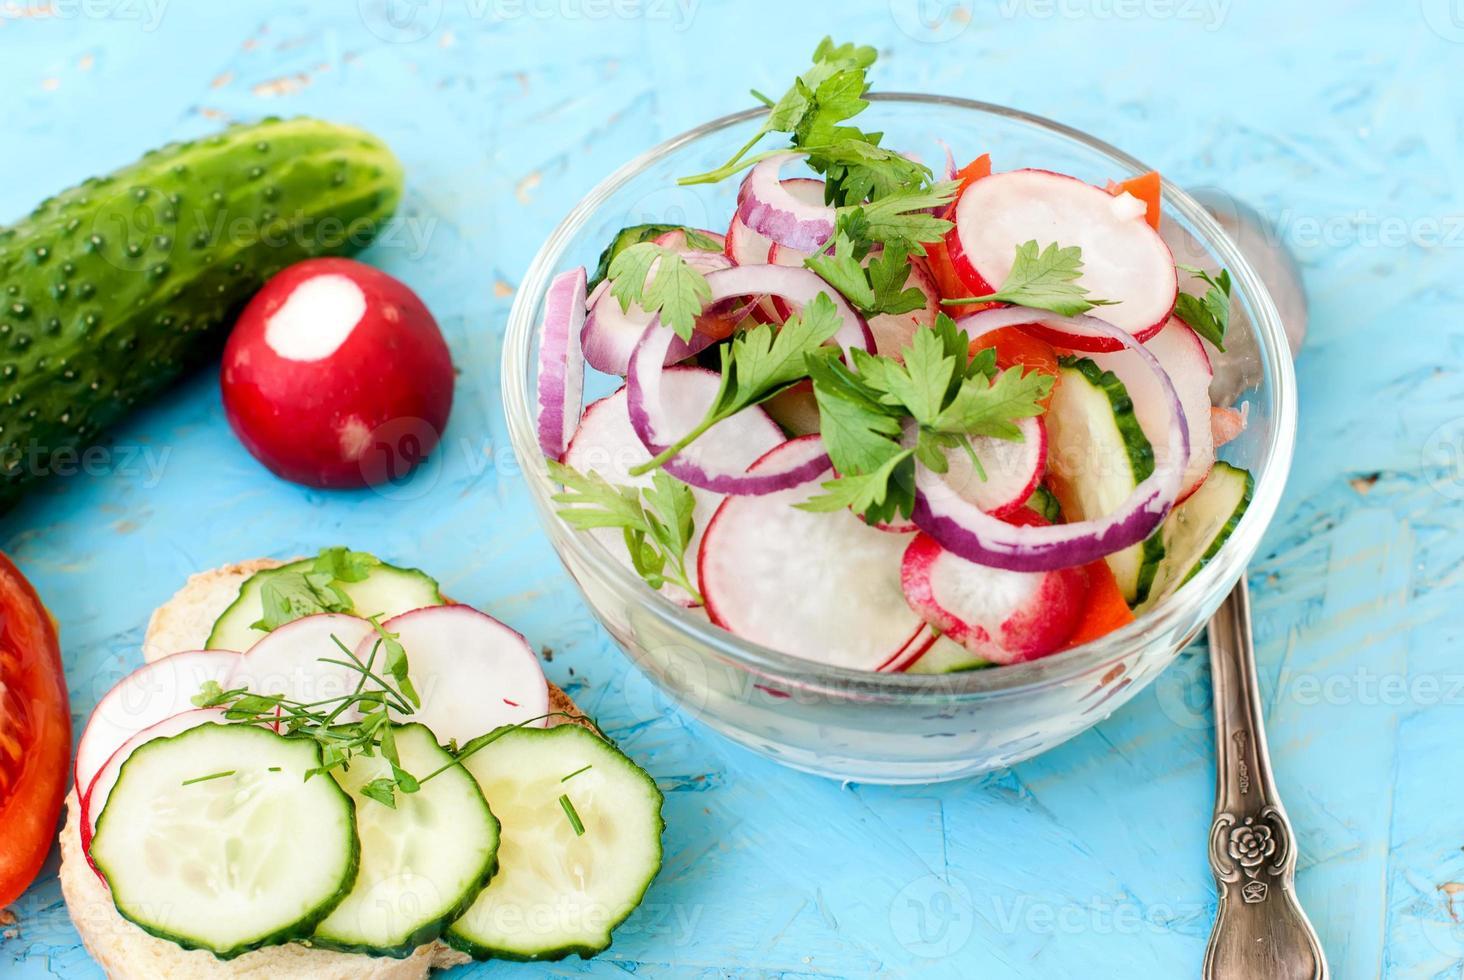 insalata di primavera con ravanelli, cetrioli, cavoli e cipolla close-up foto